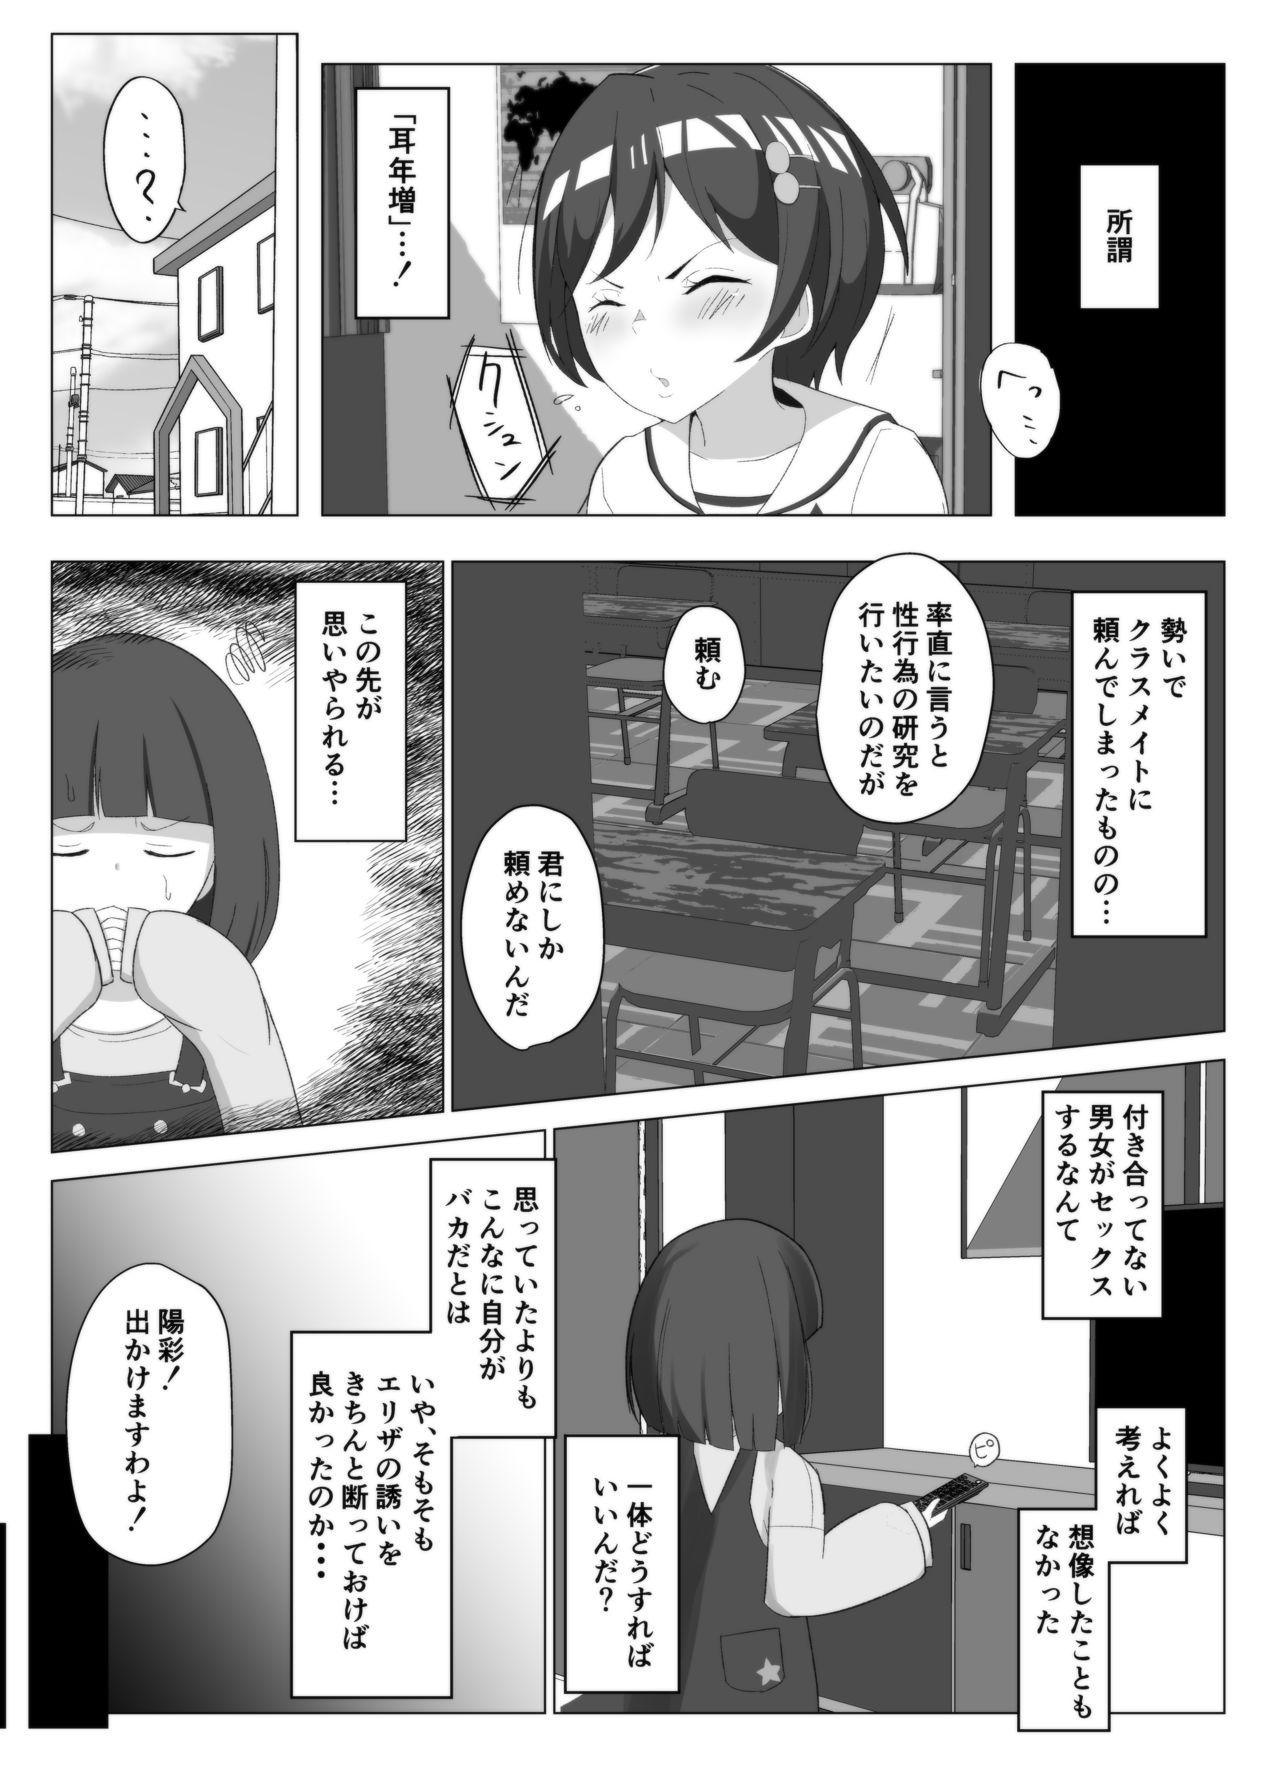 Akisa-chan's Laboratory 3